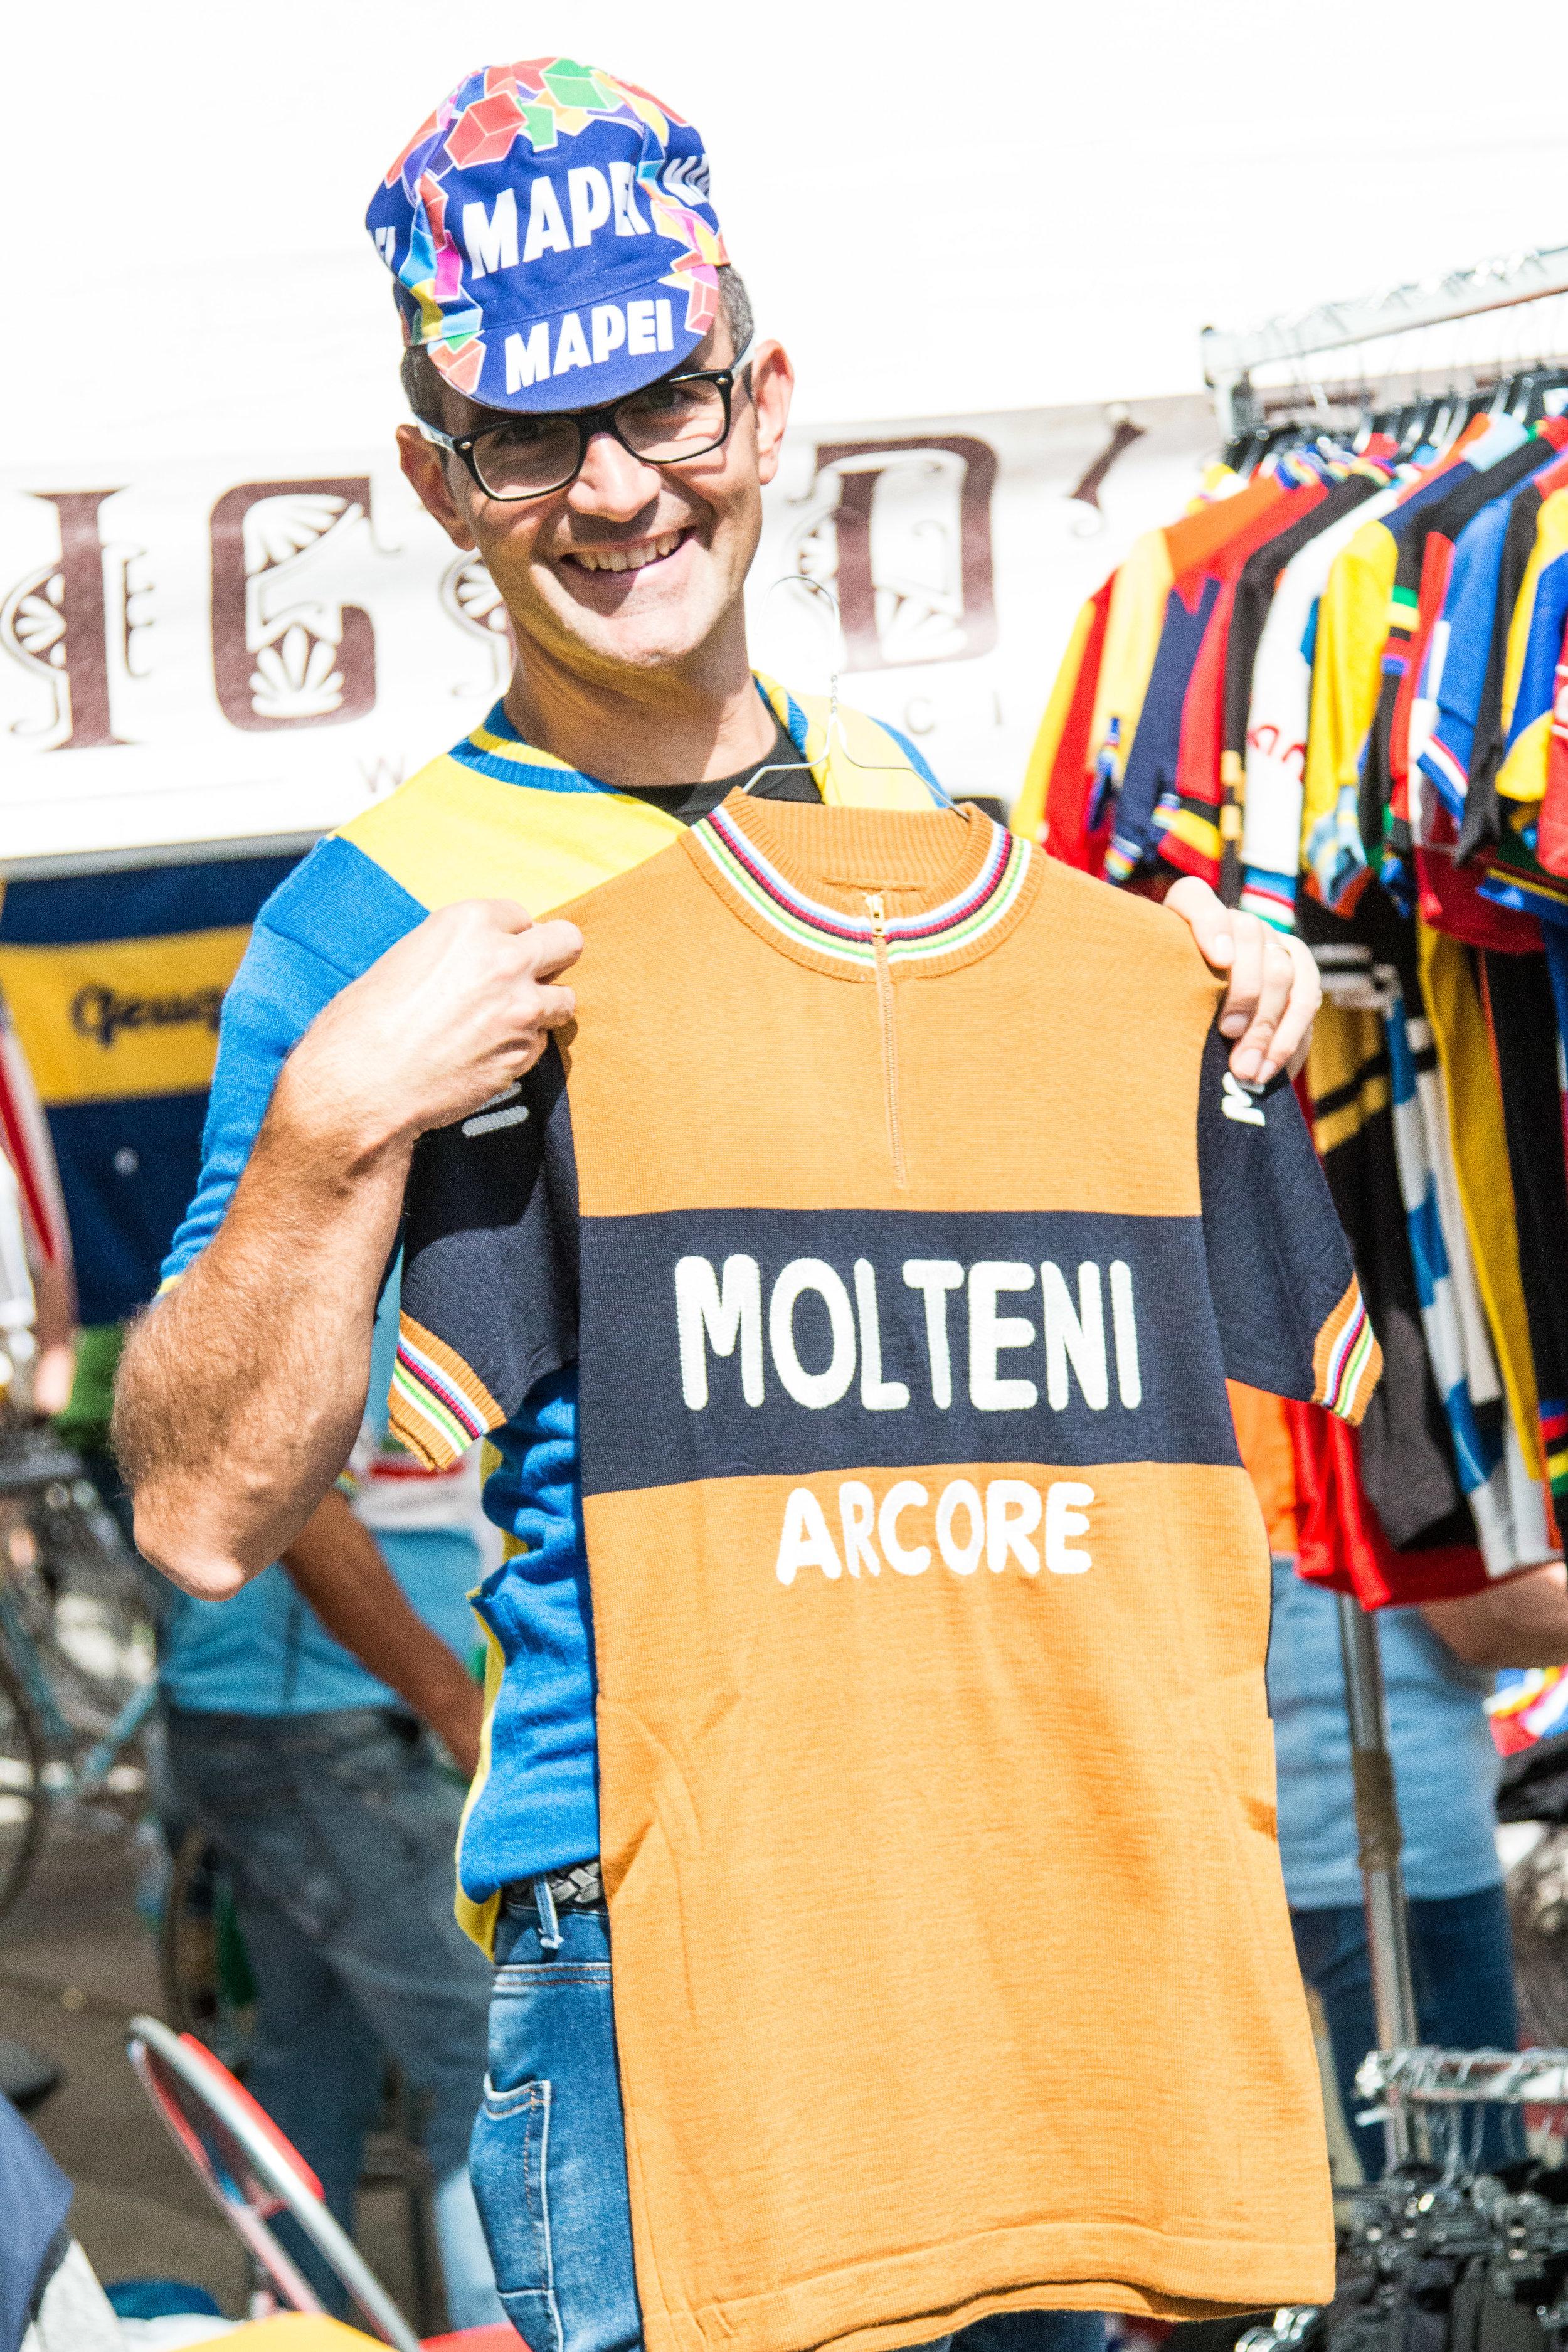 A Molteni for Molteni